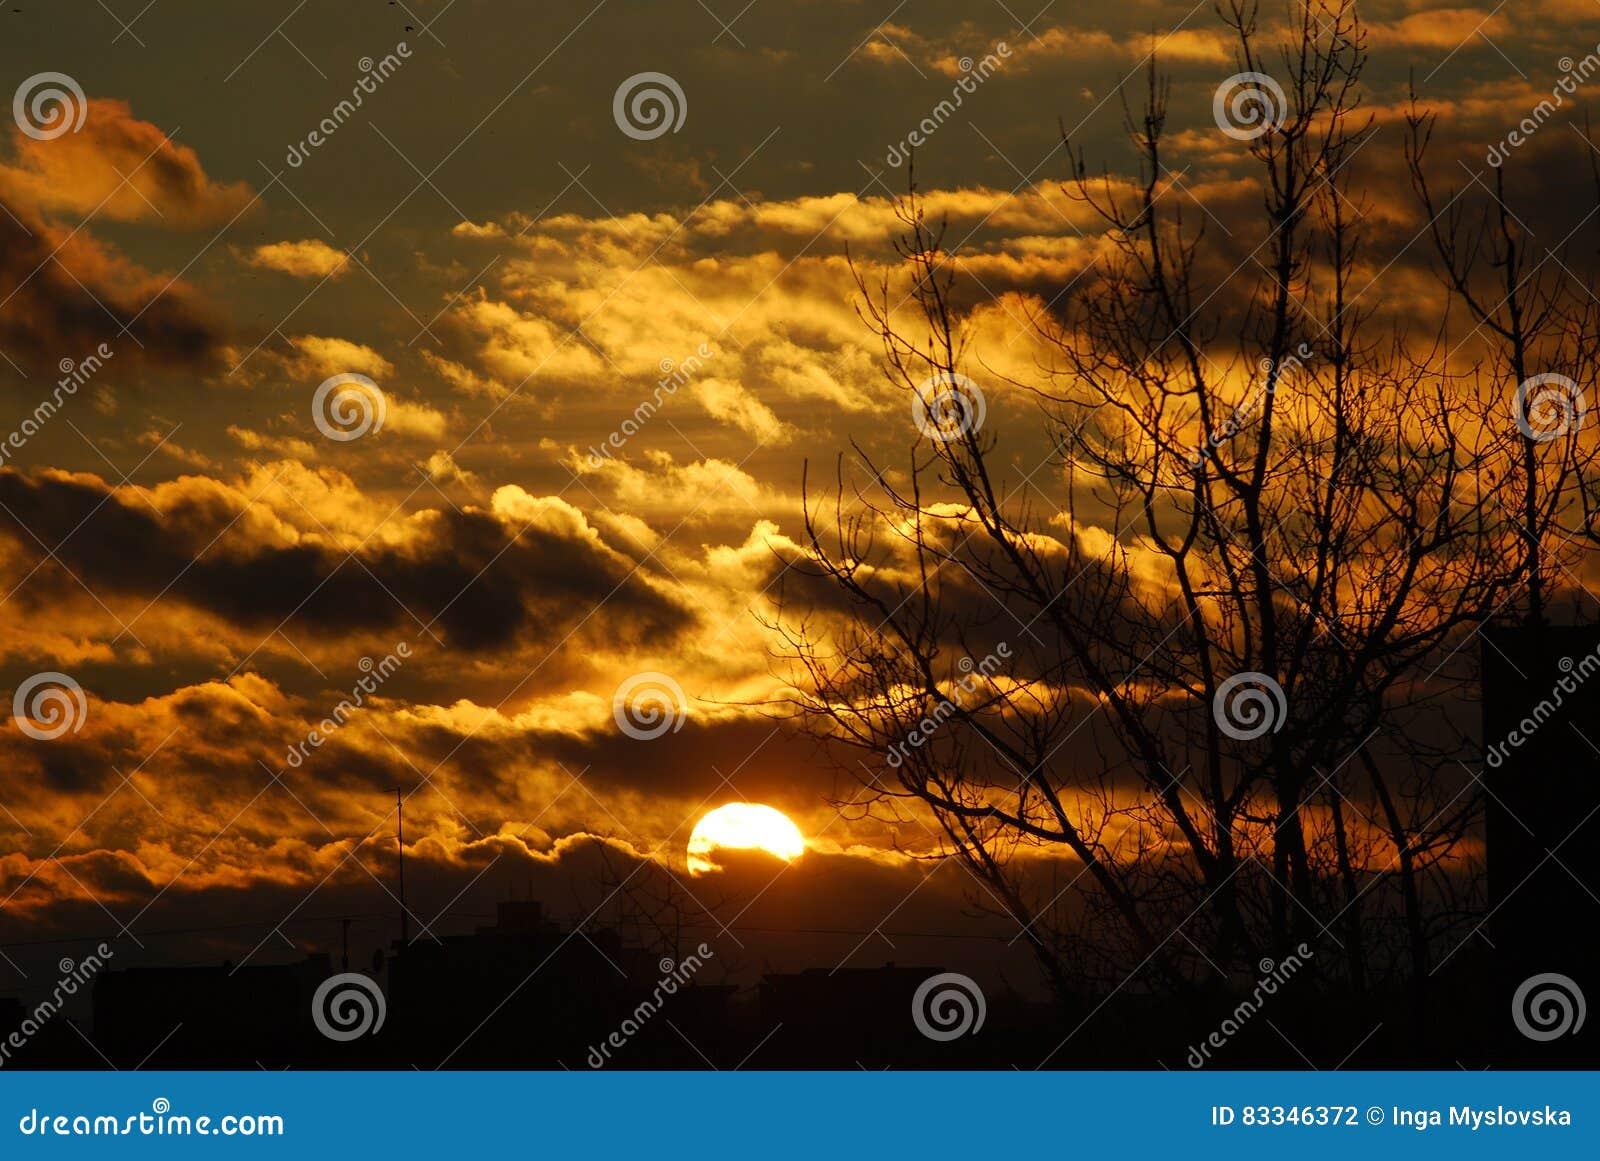 La oscuridad se nubla el sol poniente amarillo